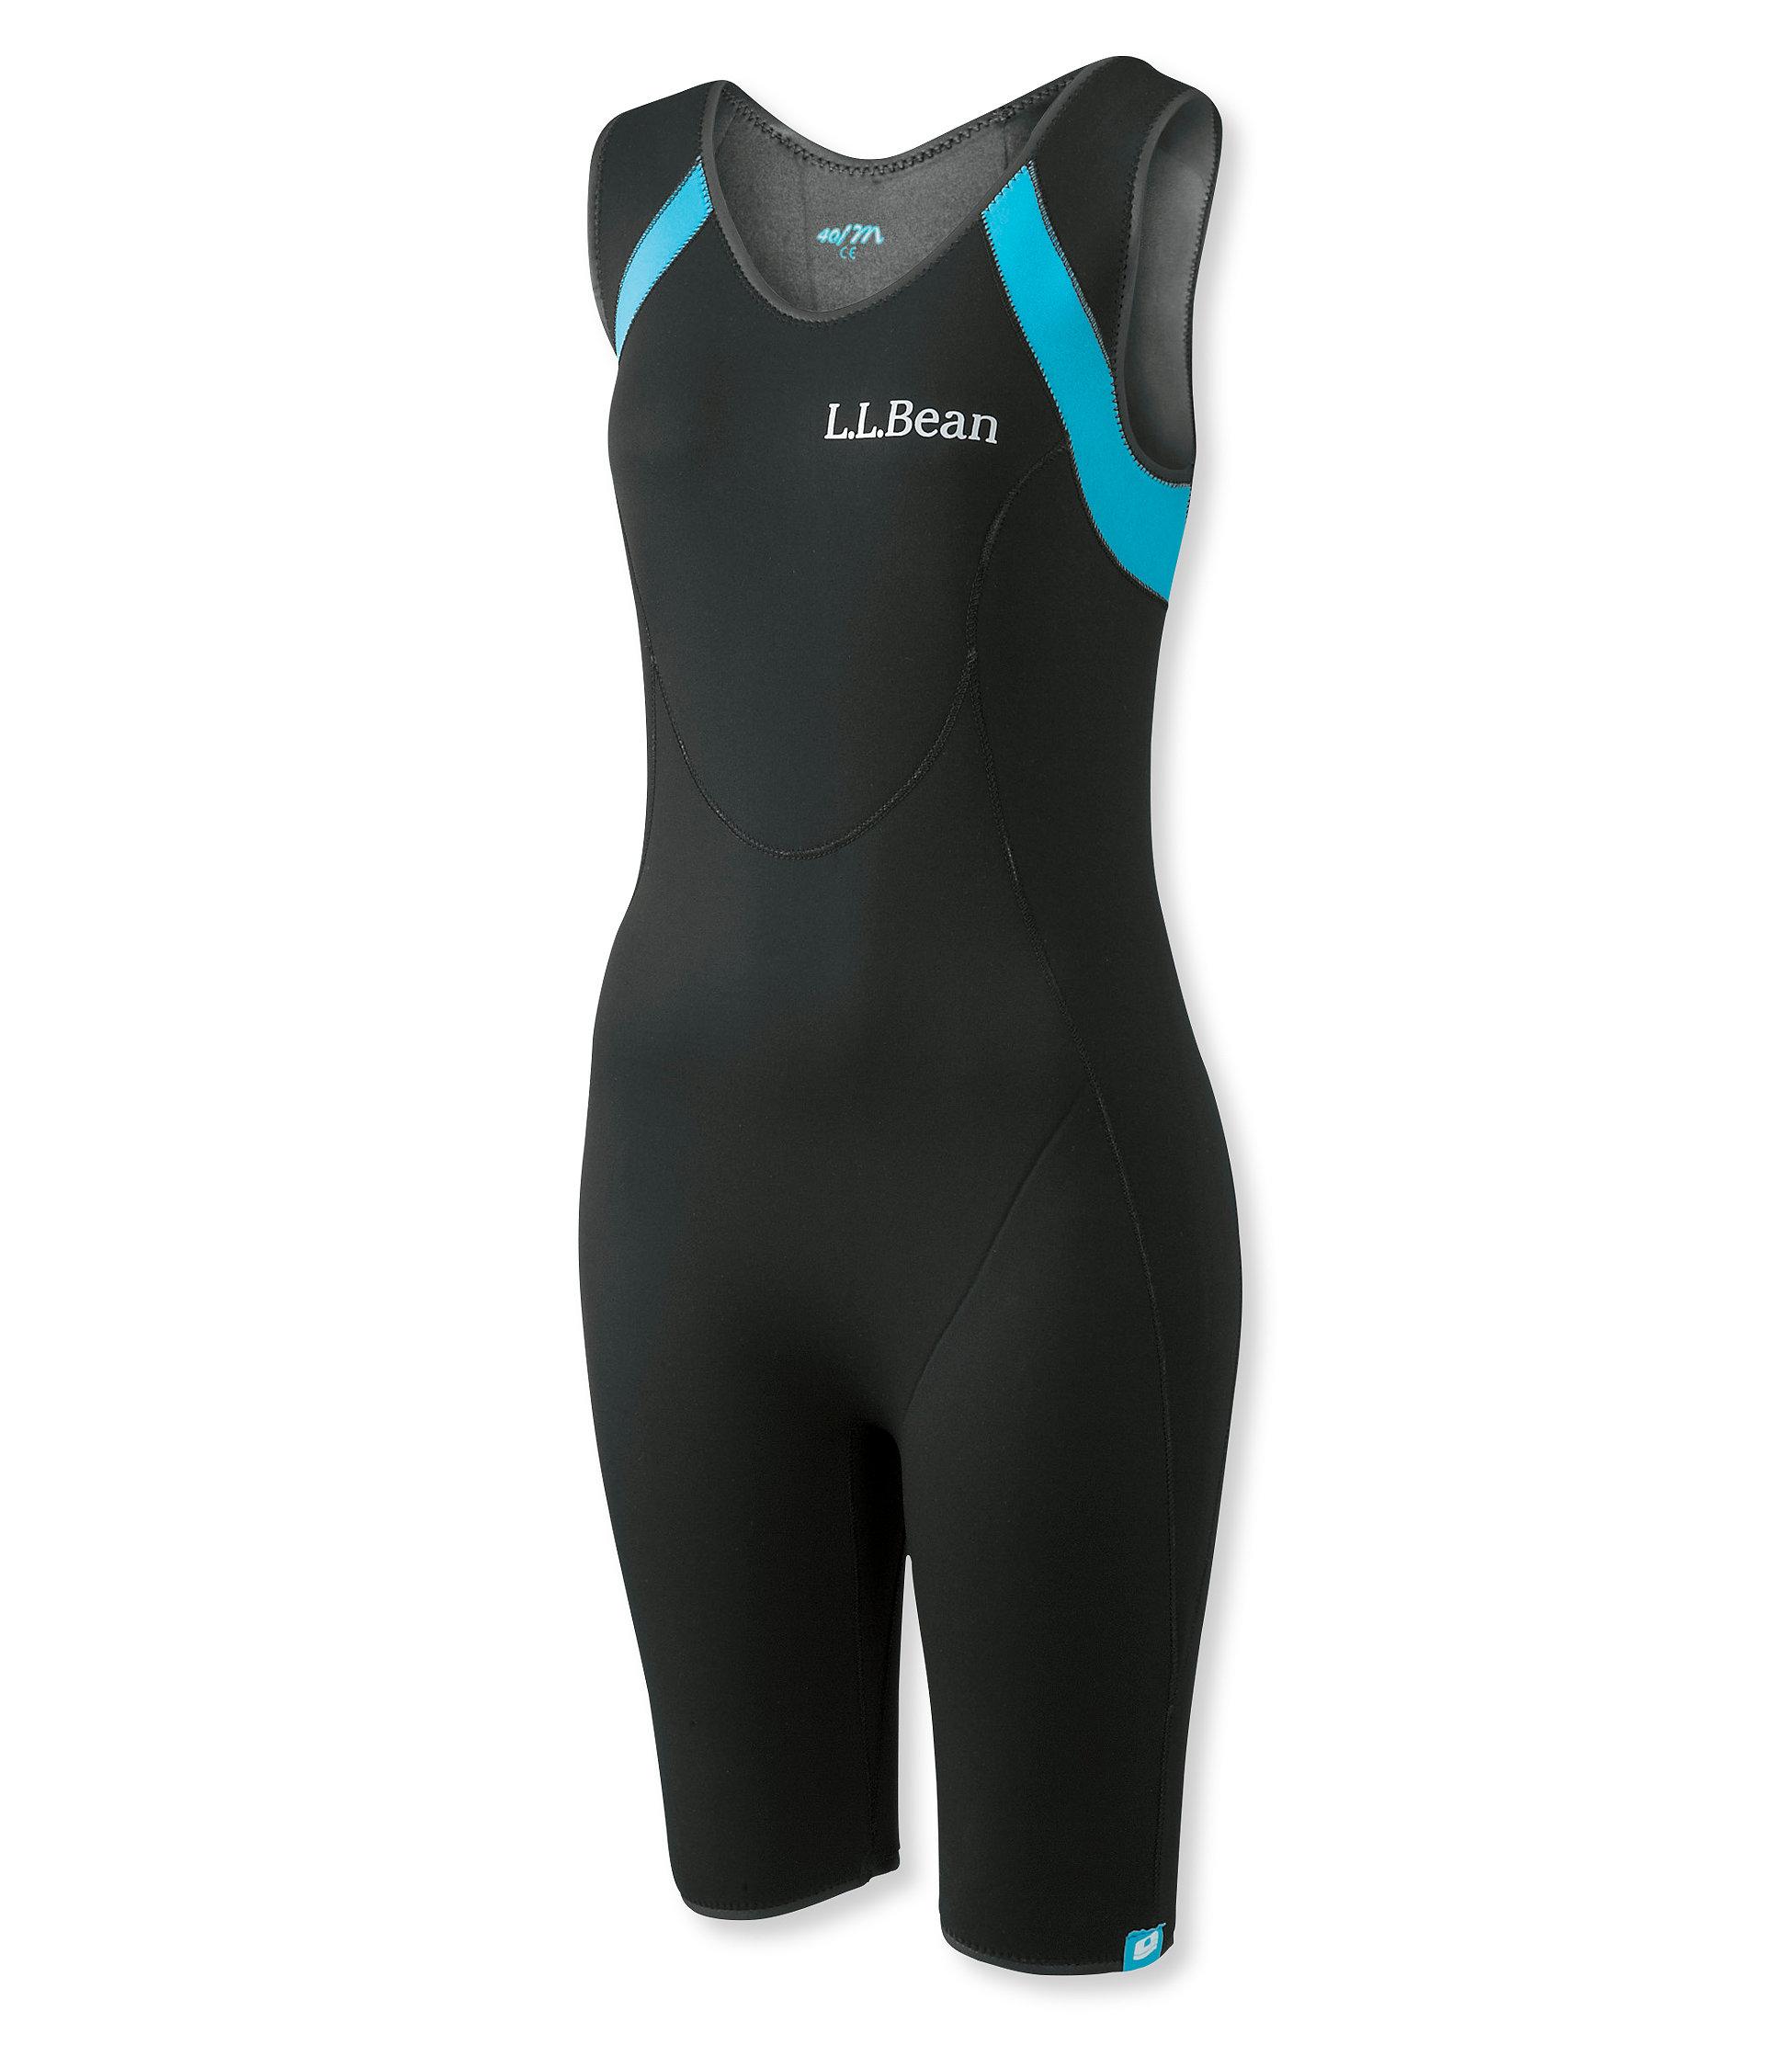 photo: L.L.Bean Superstretch Titanium Sleeveless Shorty Wet Suit wet suit